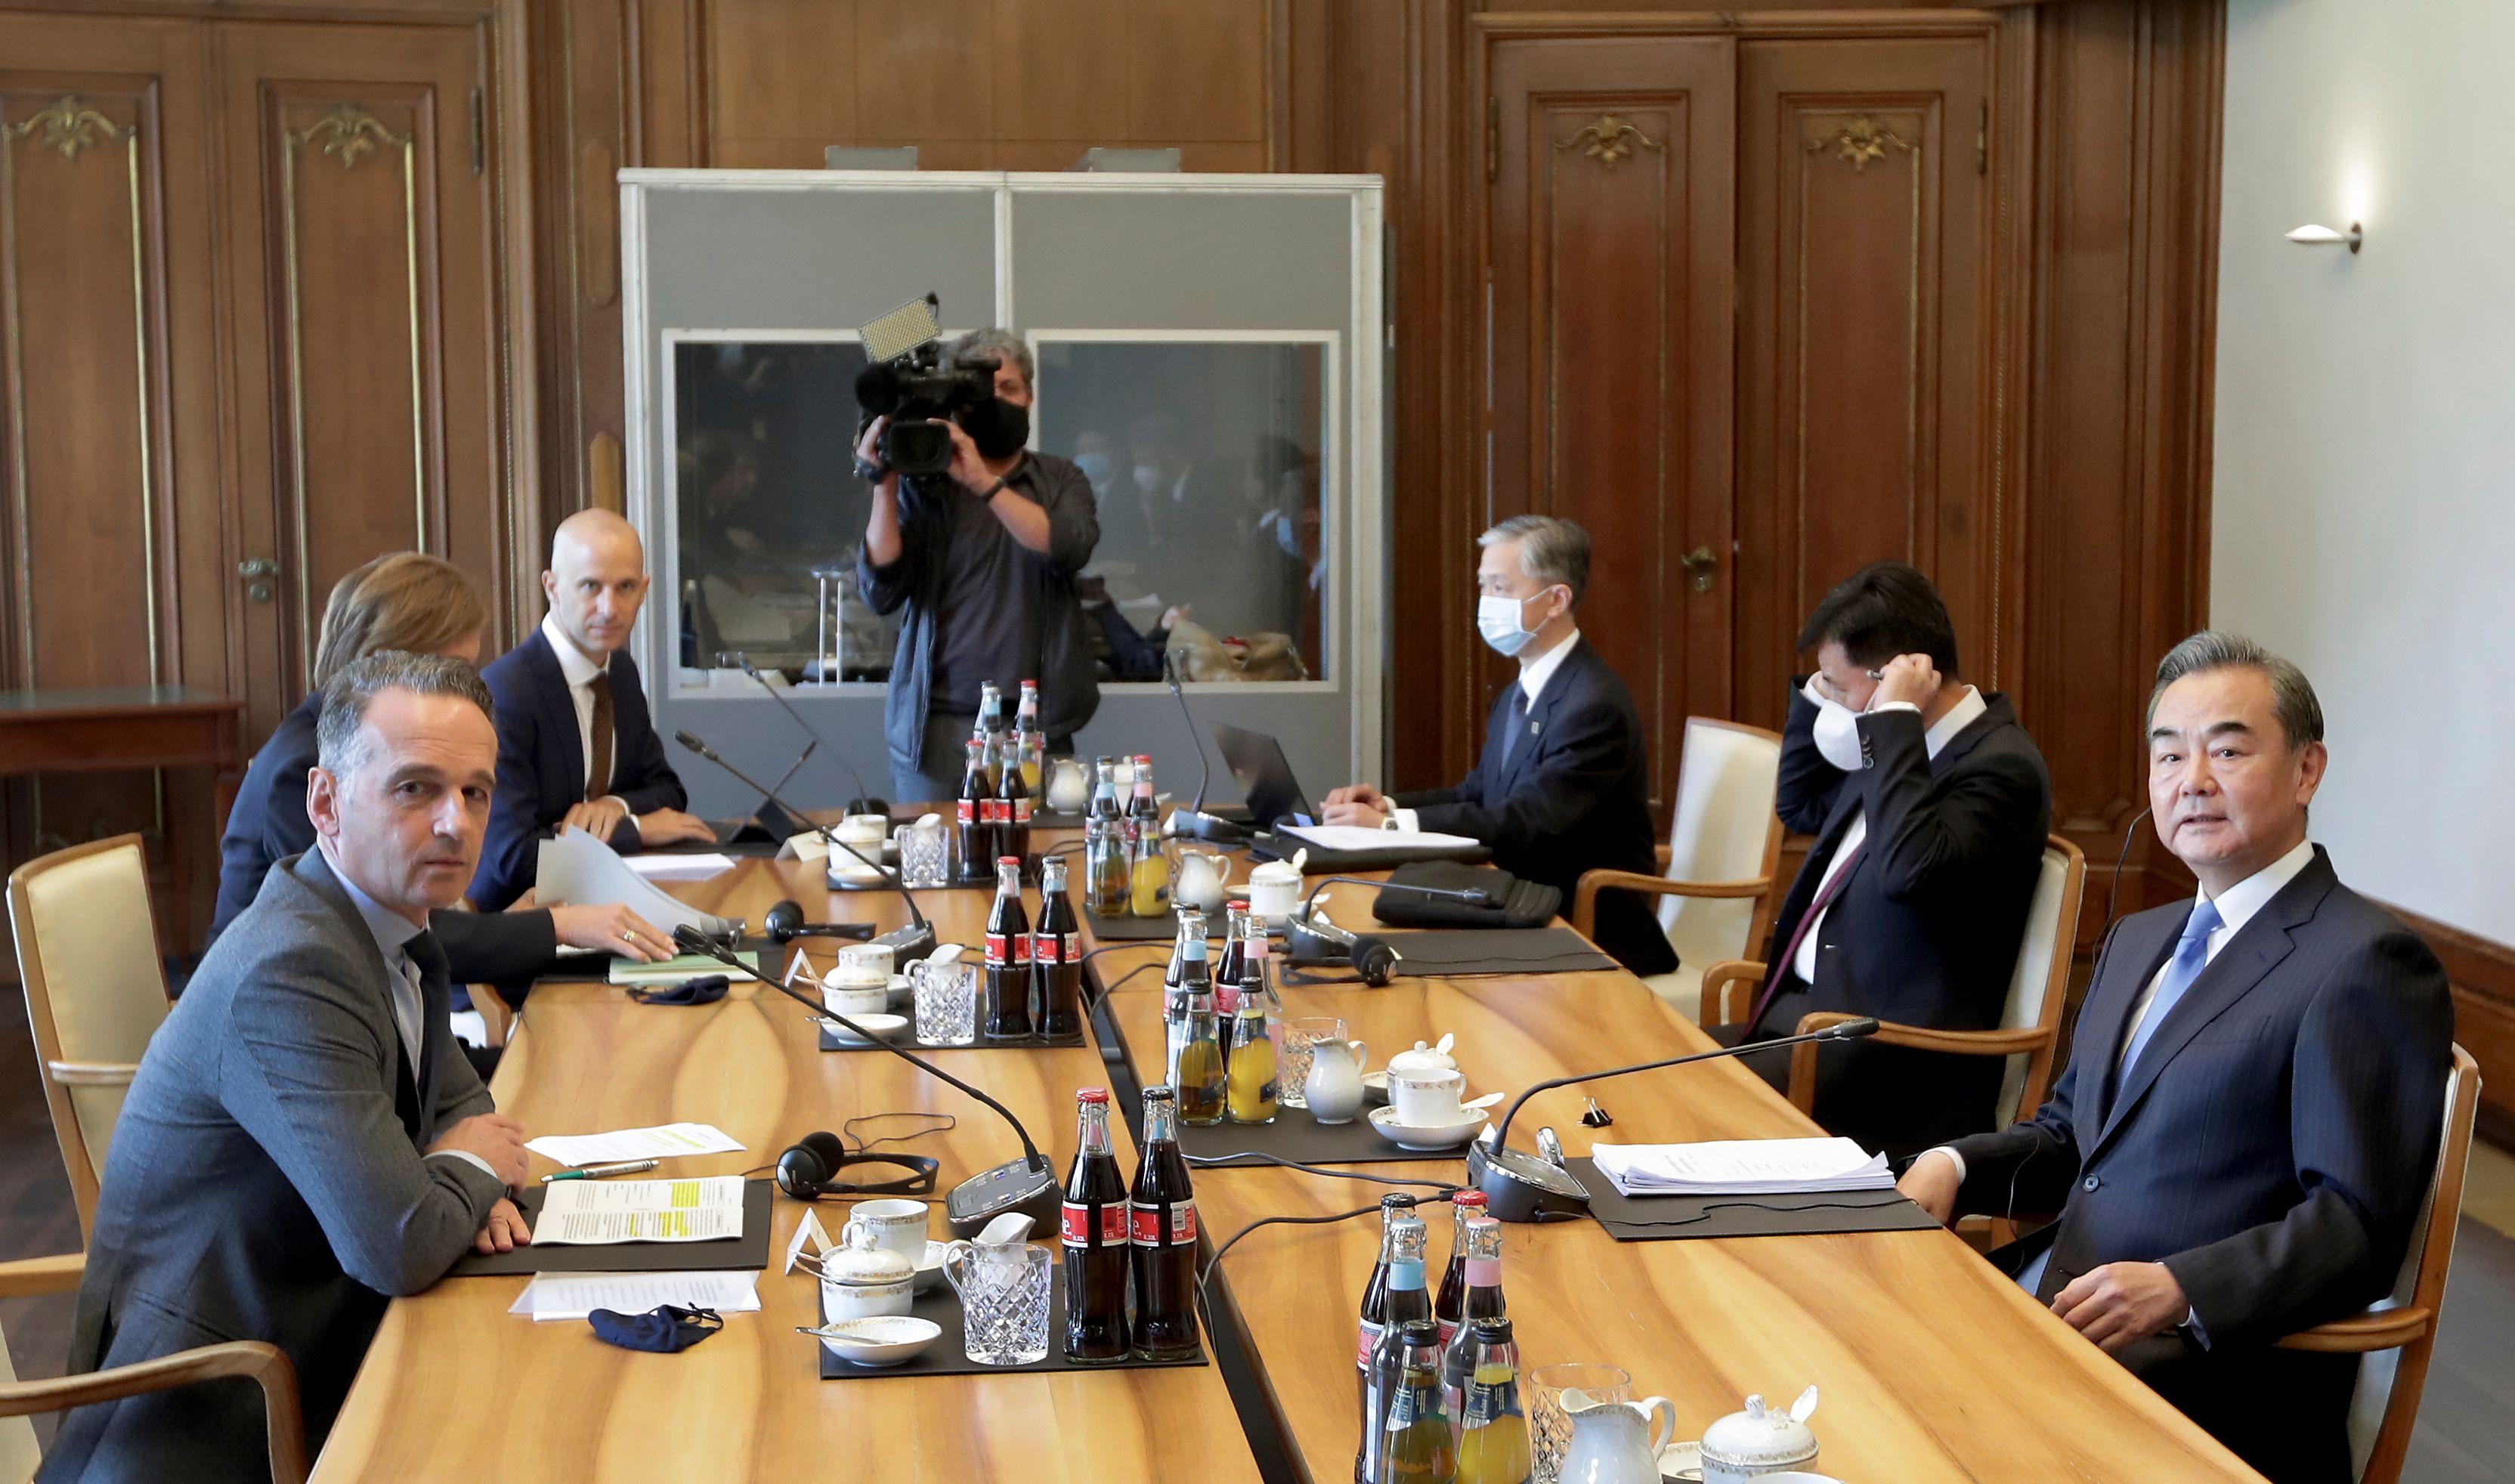 楊威:歐洲釋脫鉤信號 中共忙拉東盟